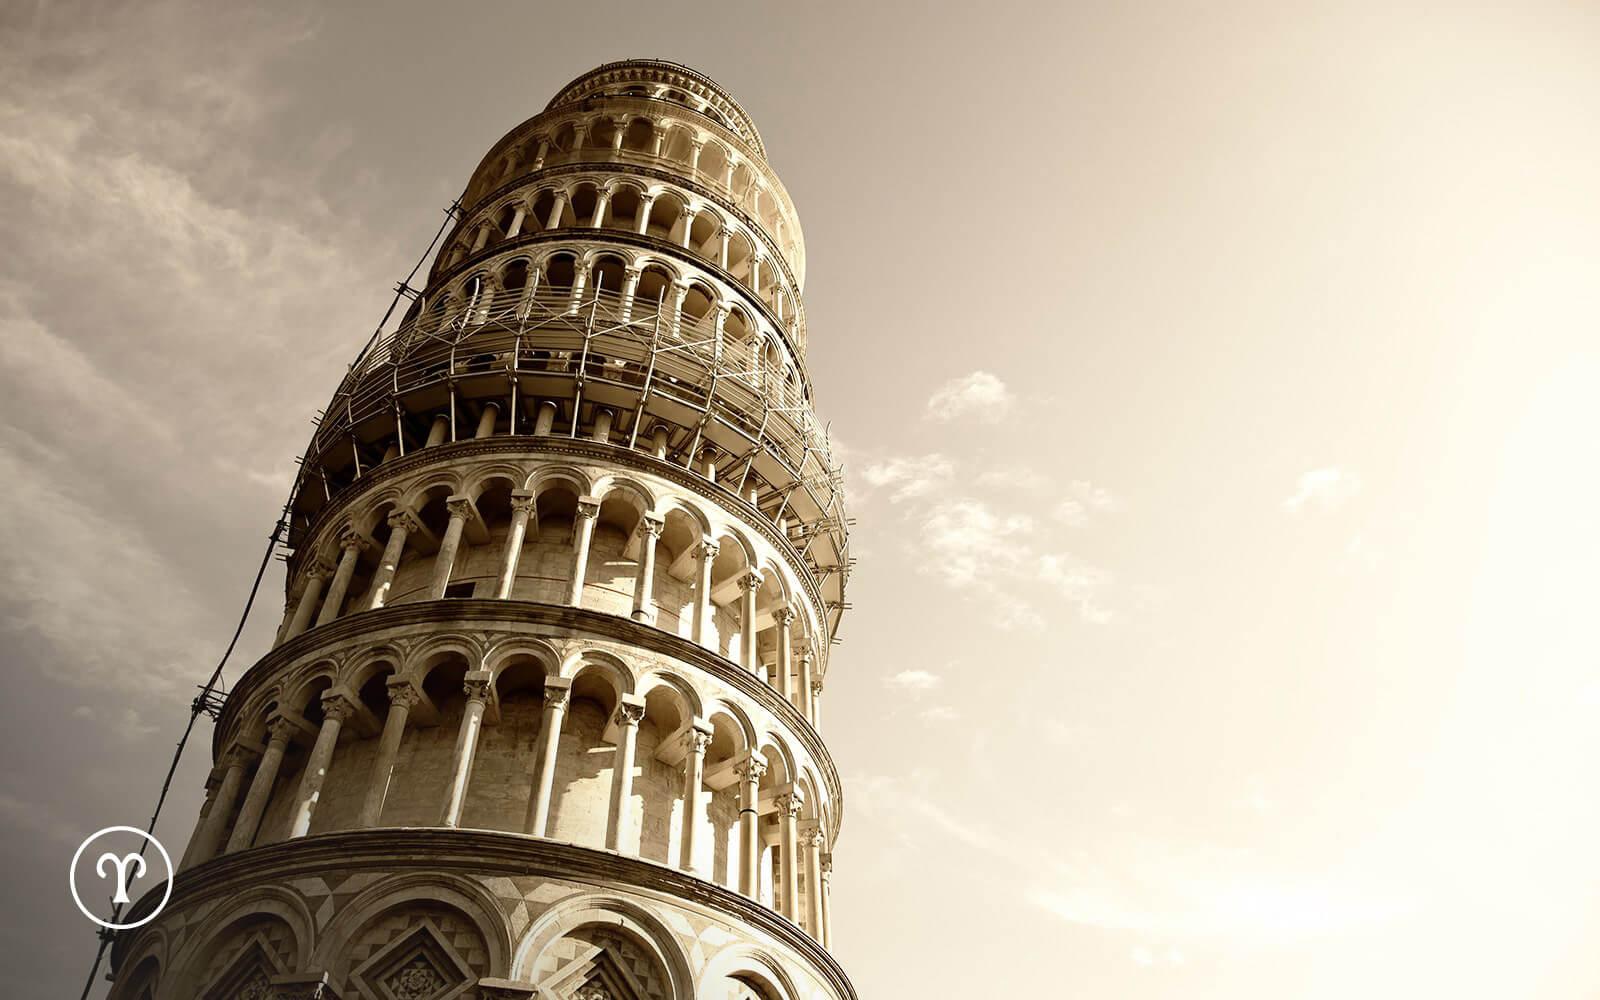 Trg čudesa u Pizi – preslikano sazvežđe Ovna